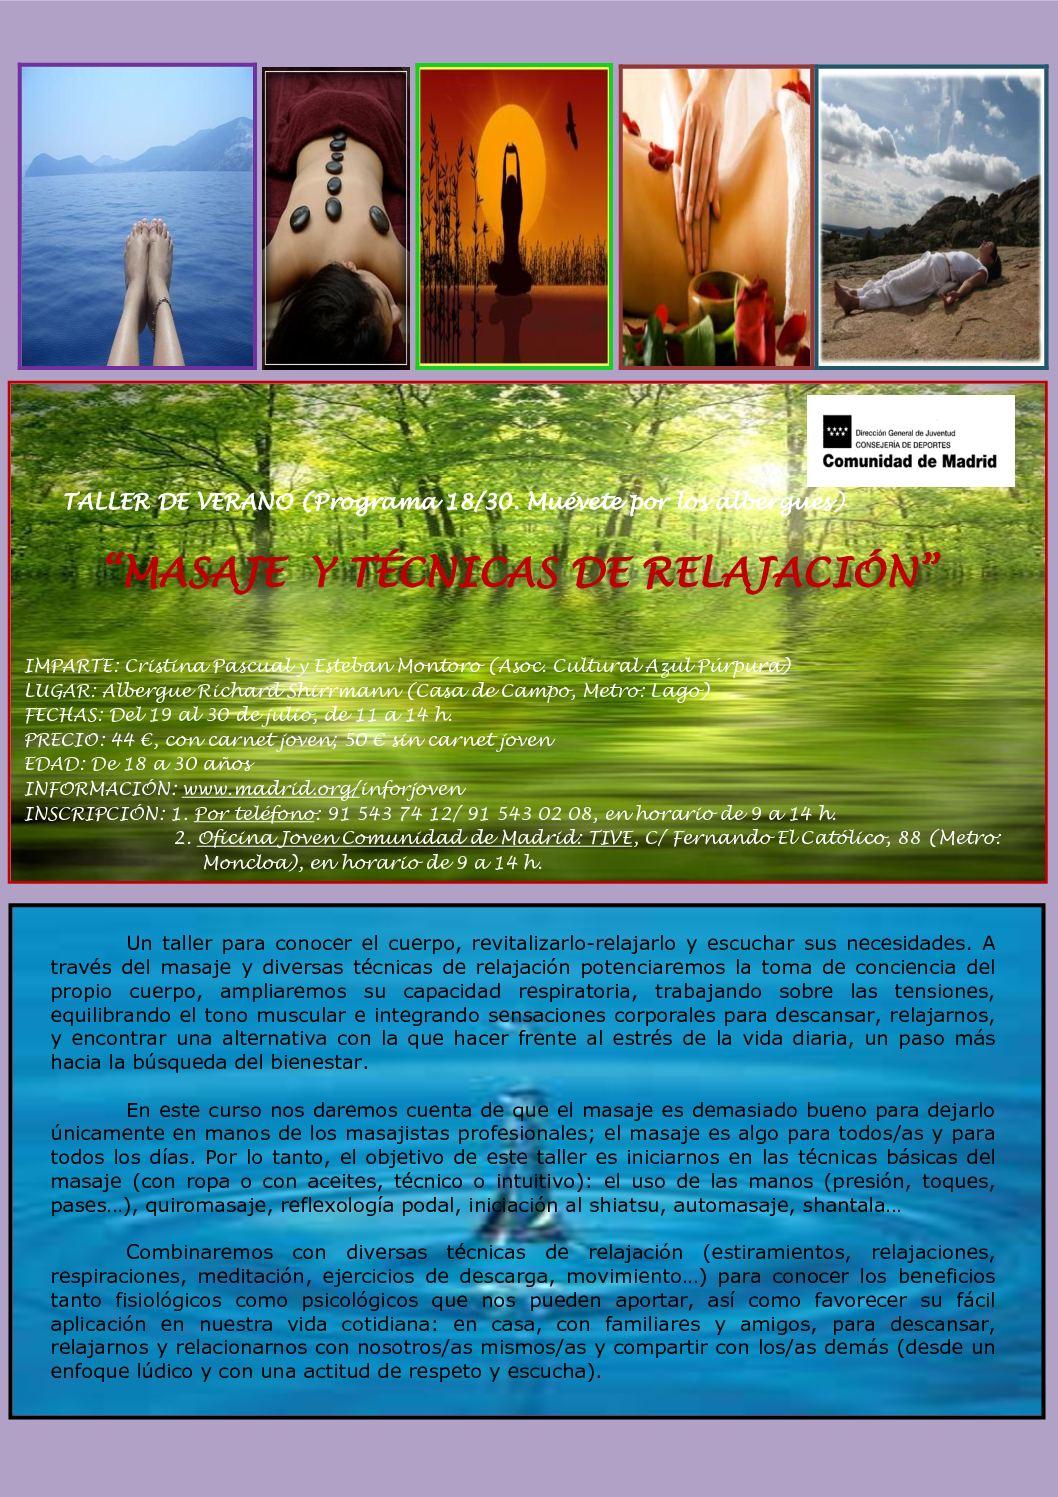 Calaméo - Taller de Técnicas de Relajación y Masaje Julio 2010